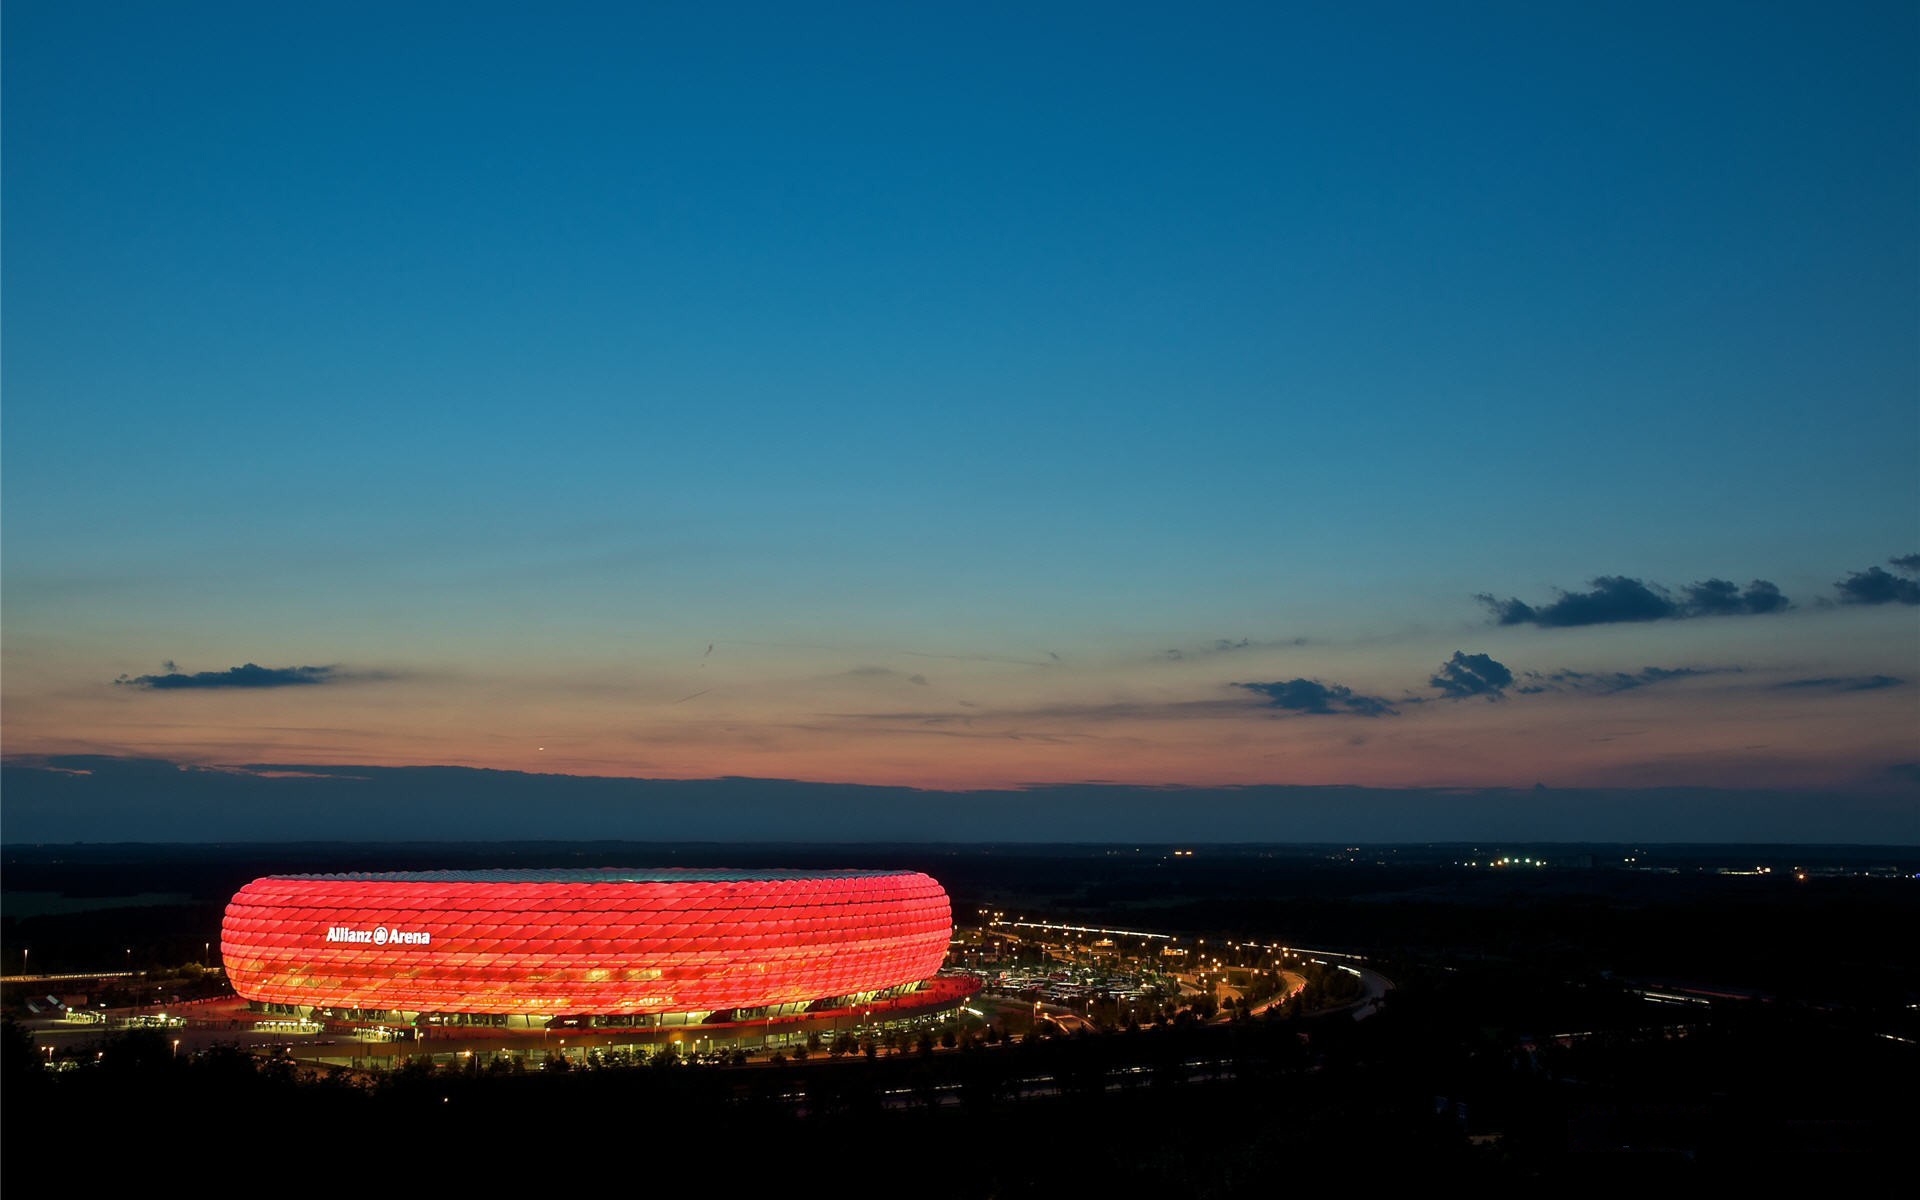 مدينة مونيخ تستضيف عدة مباريات بيورو 2020